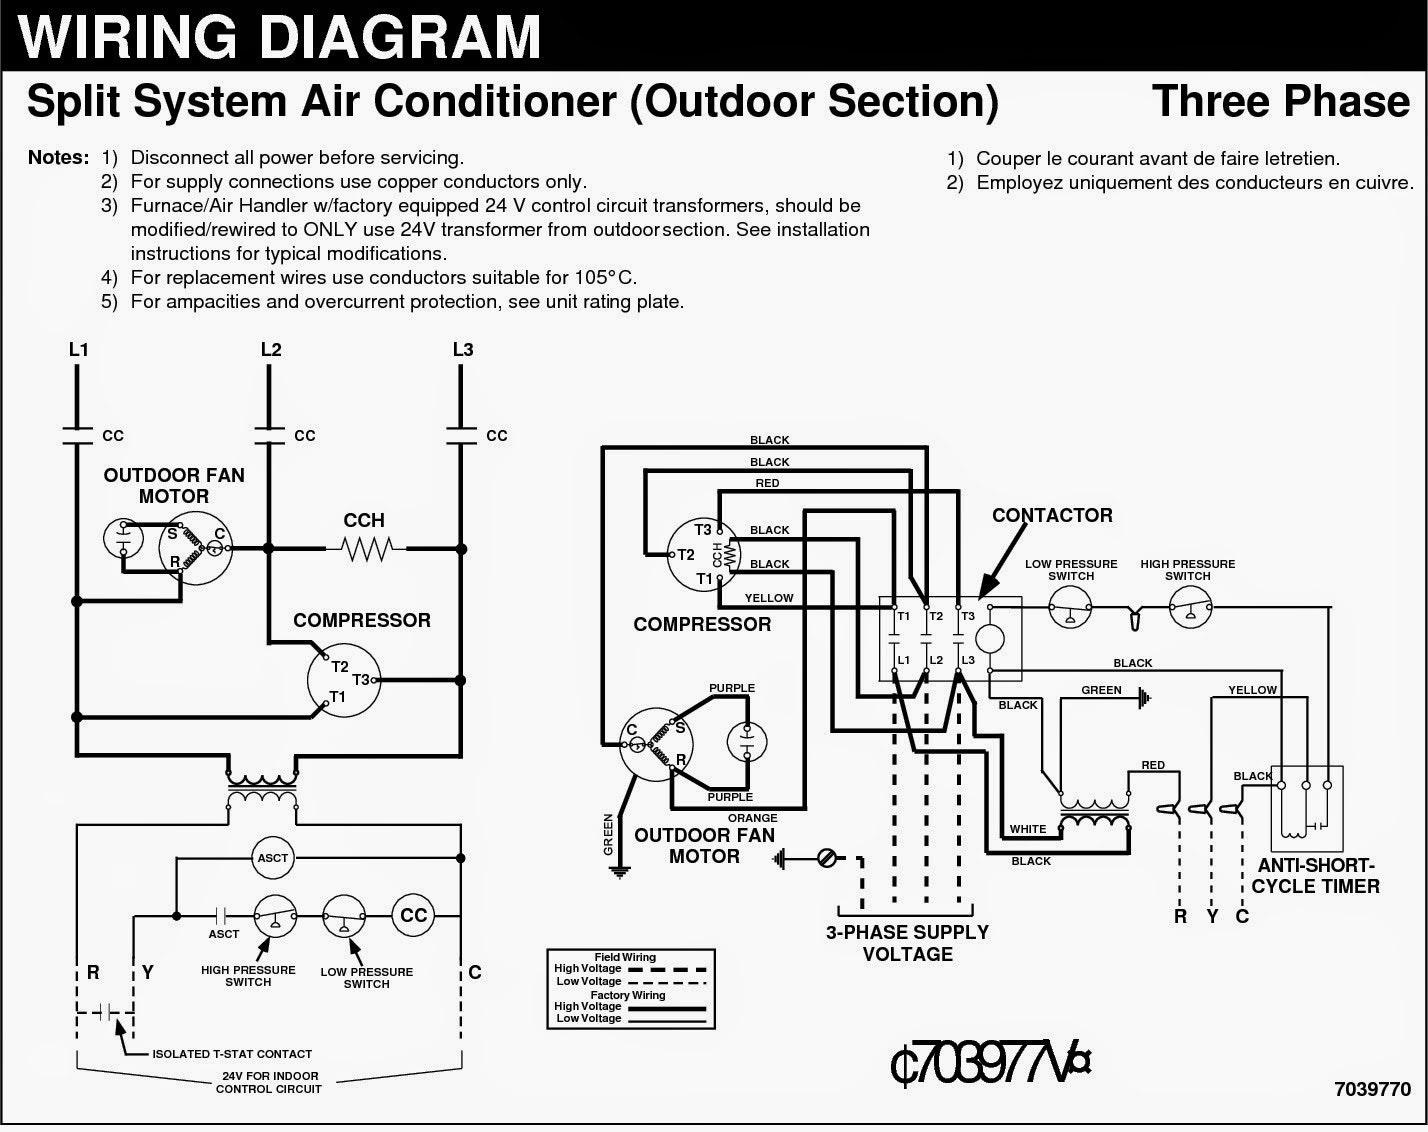 Hvac Wiring Schematics - Data Wiring Diagram Schematic - Hvac Wiring Diagram